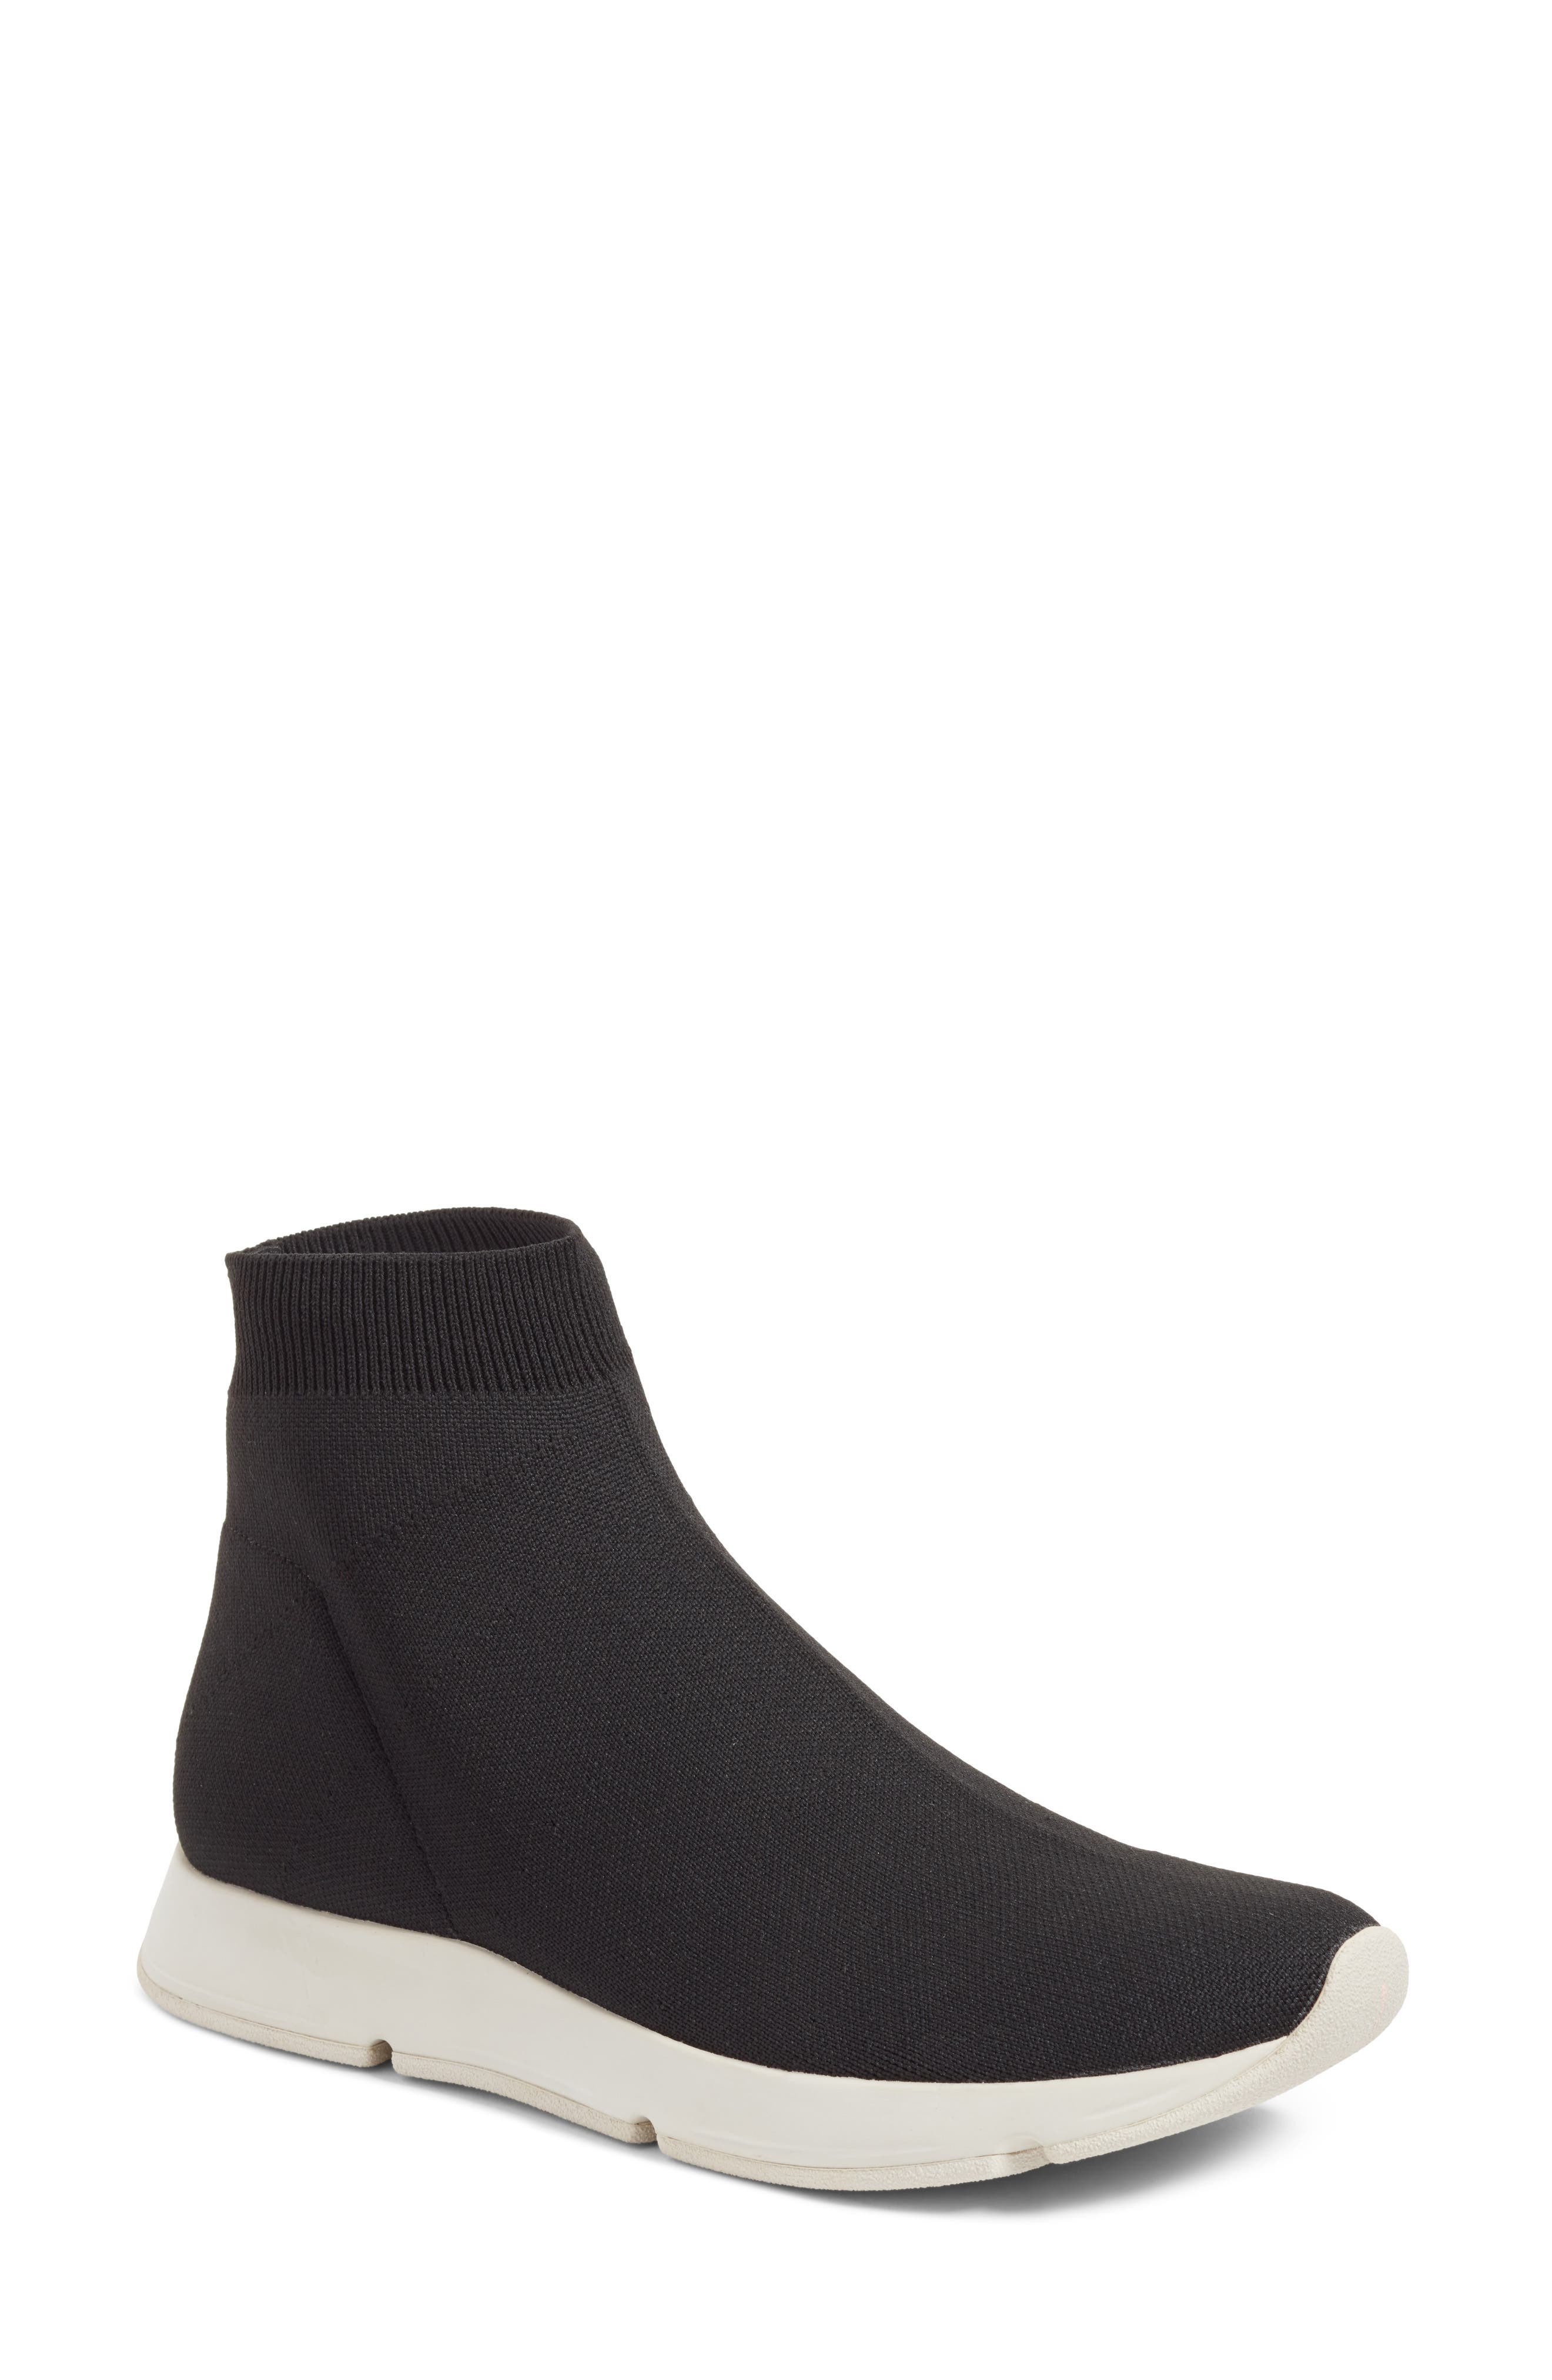 Tyra Sock Sneaker,                         Main,                         color, 001